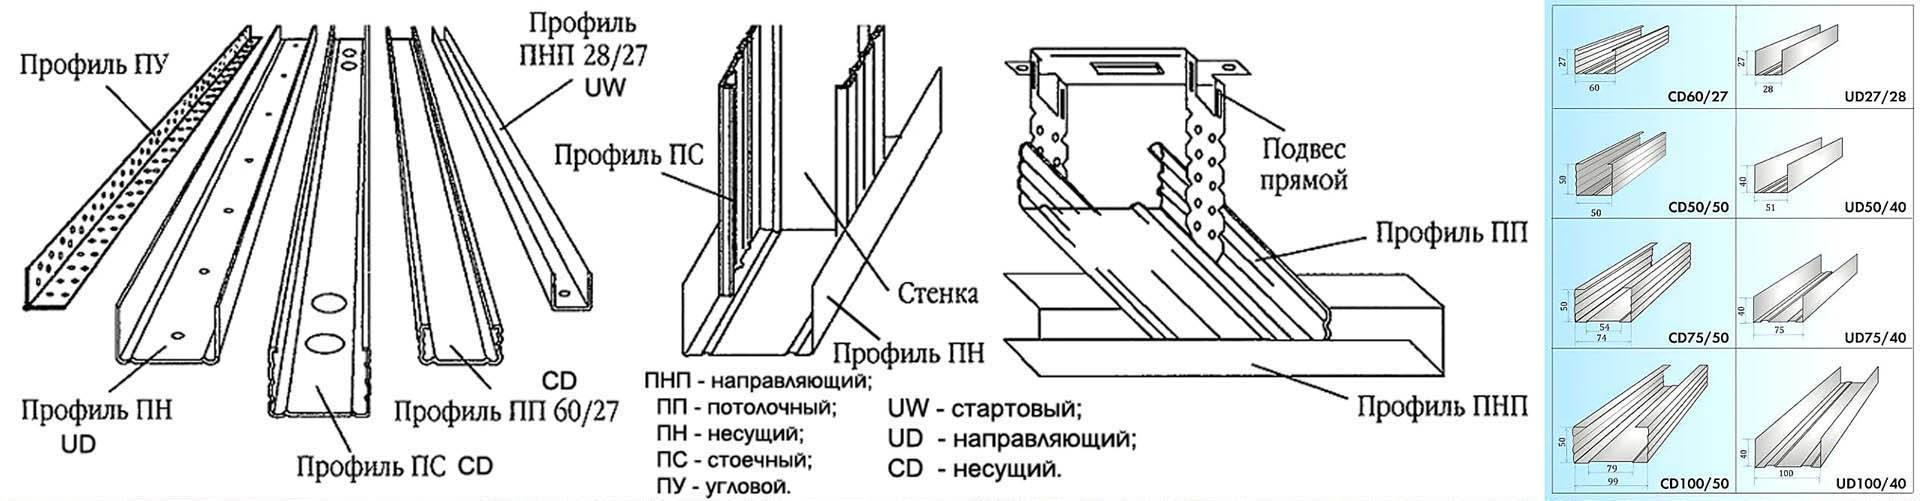 Направляющие для гипсокартона: расчет материала, стоимость, установка